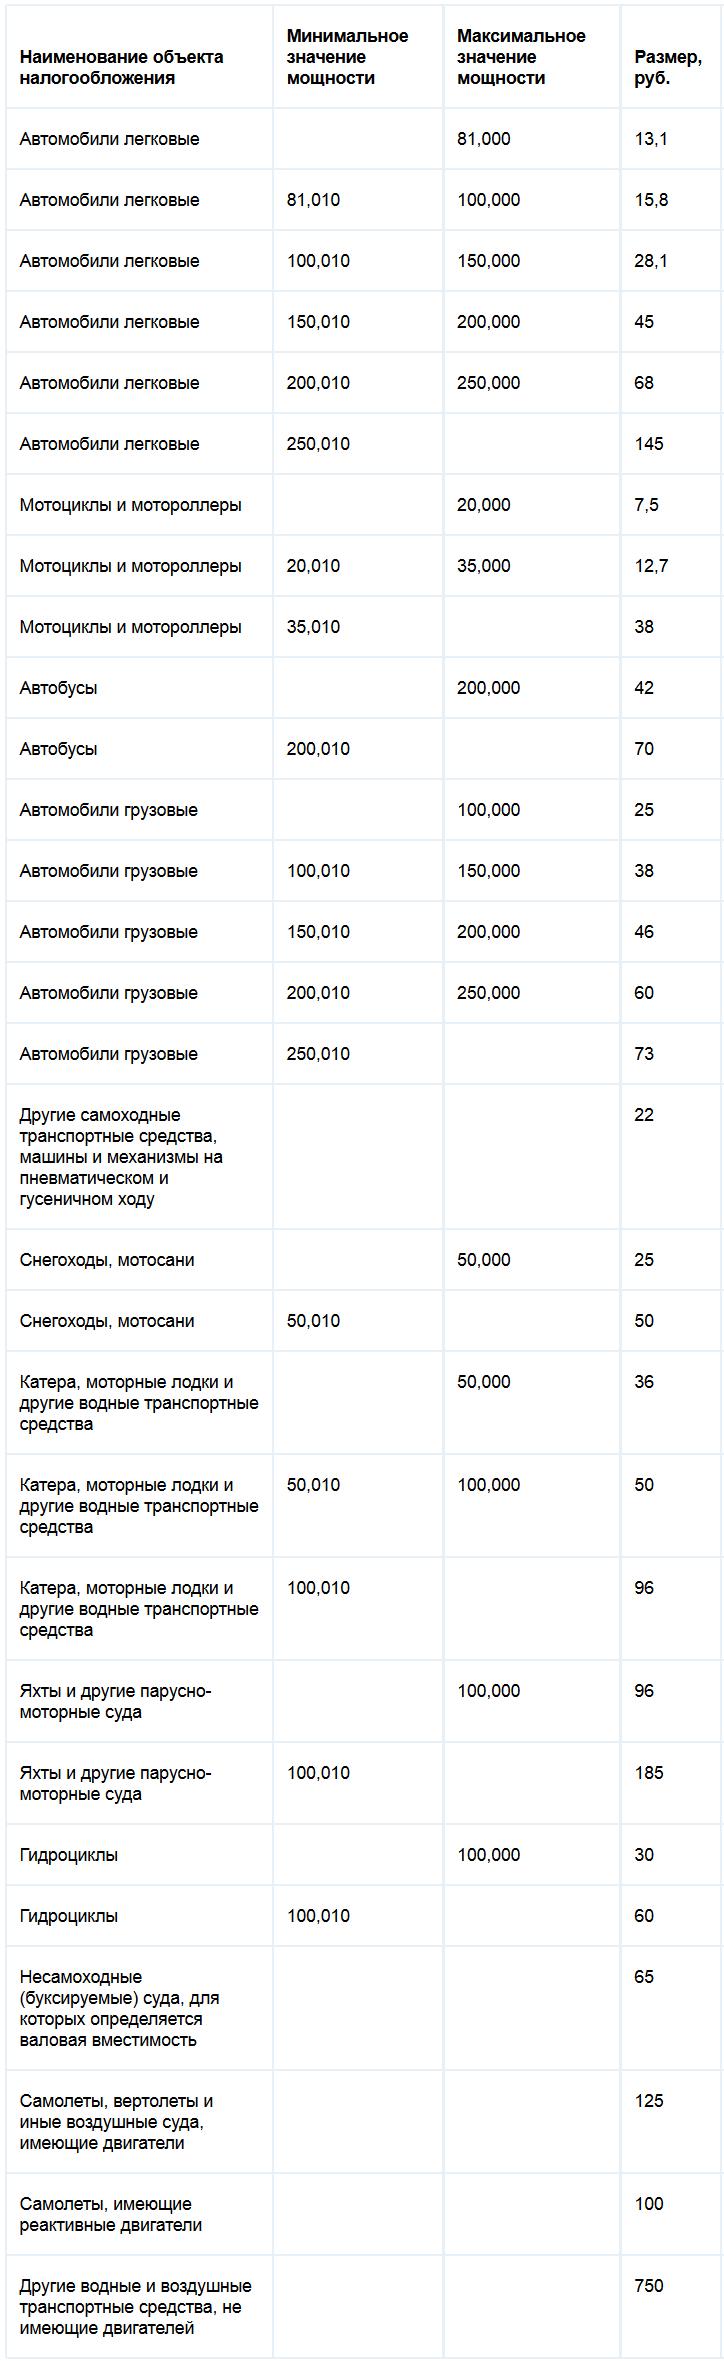 Ставки транспортного налога Ярославской области